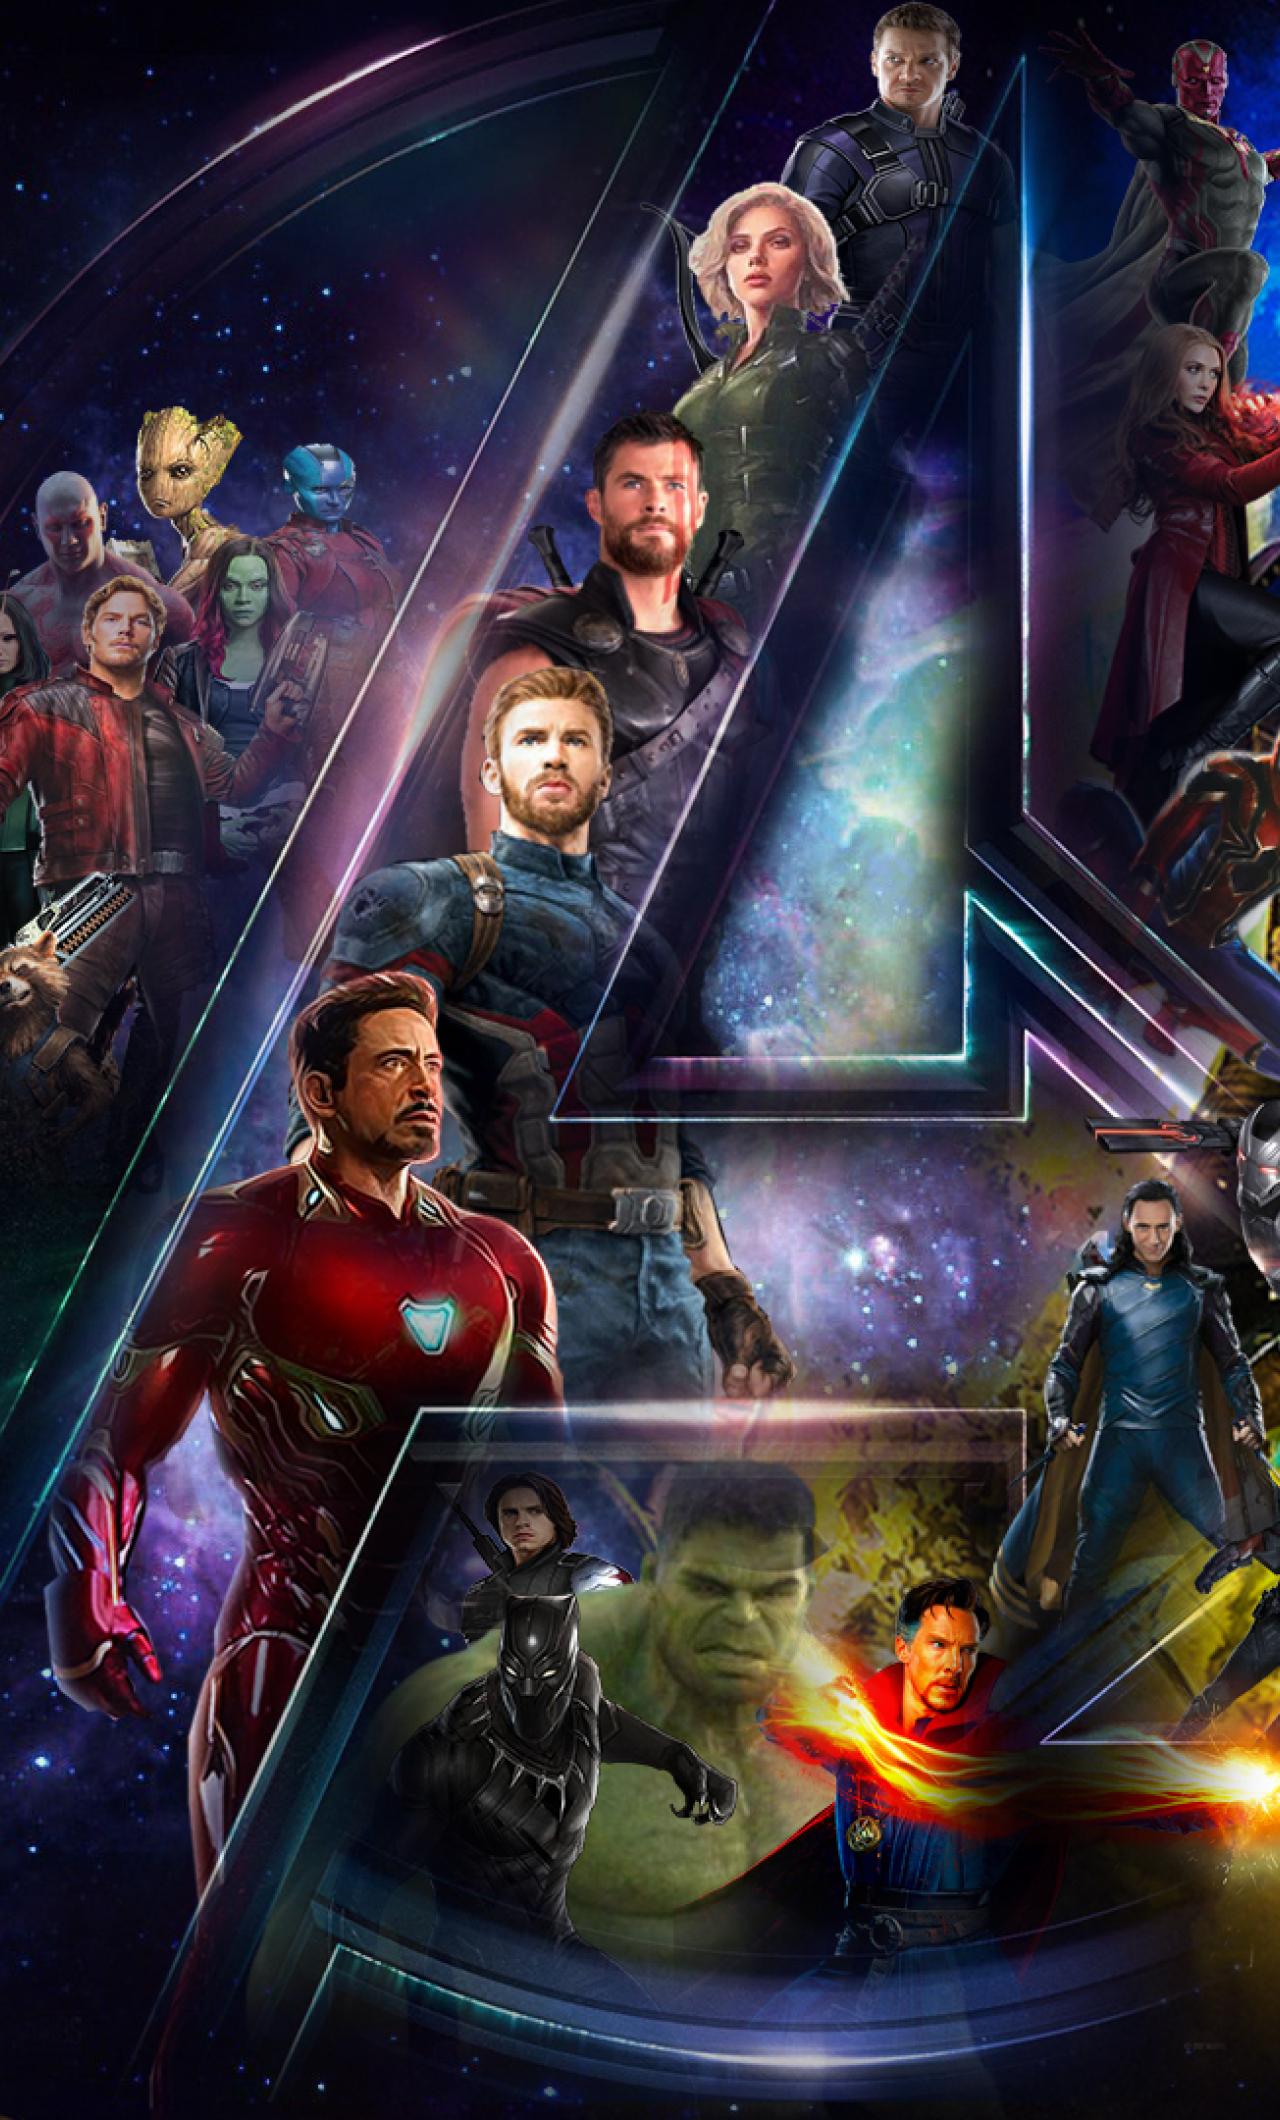 Download avengers infinty war star cast and logo 1440x2560 - Avengers infinity war wallpaper iphone ...